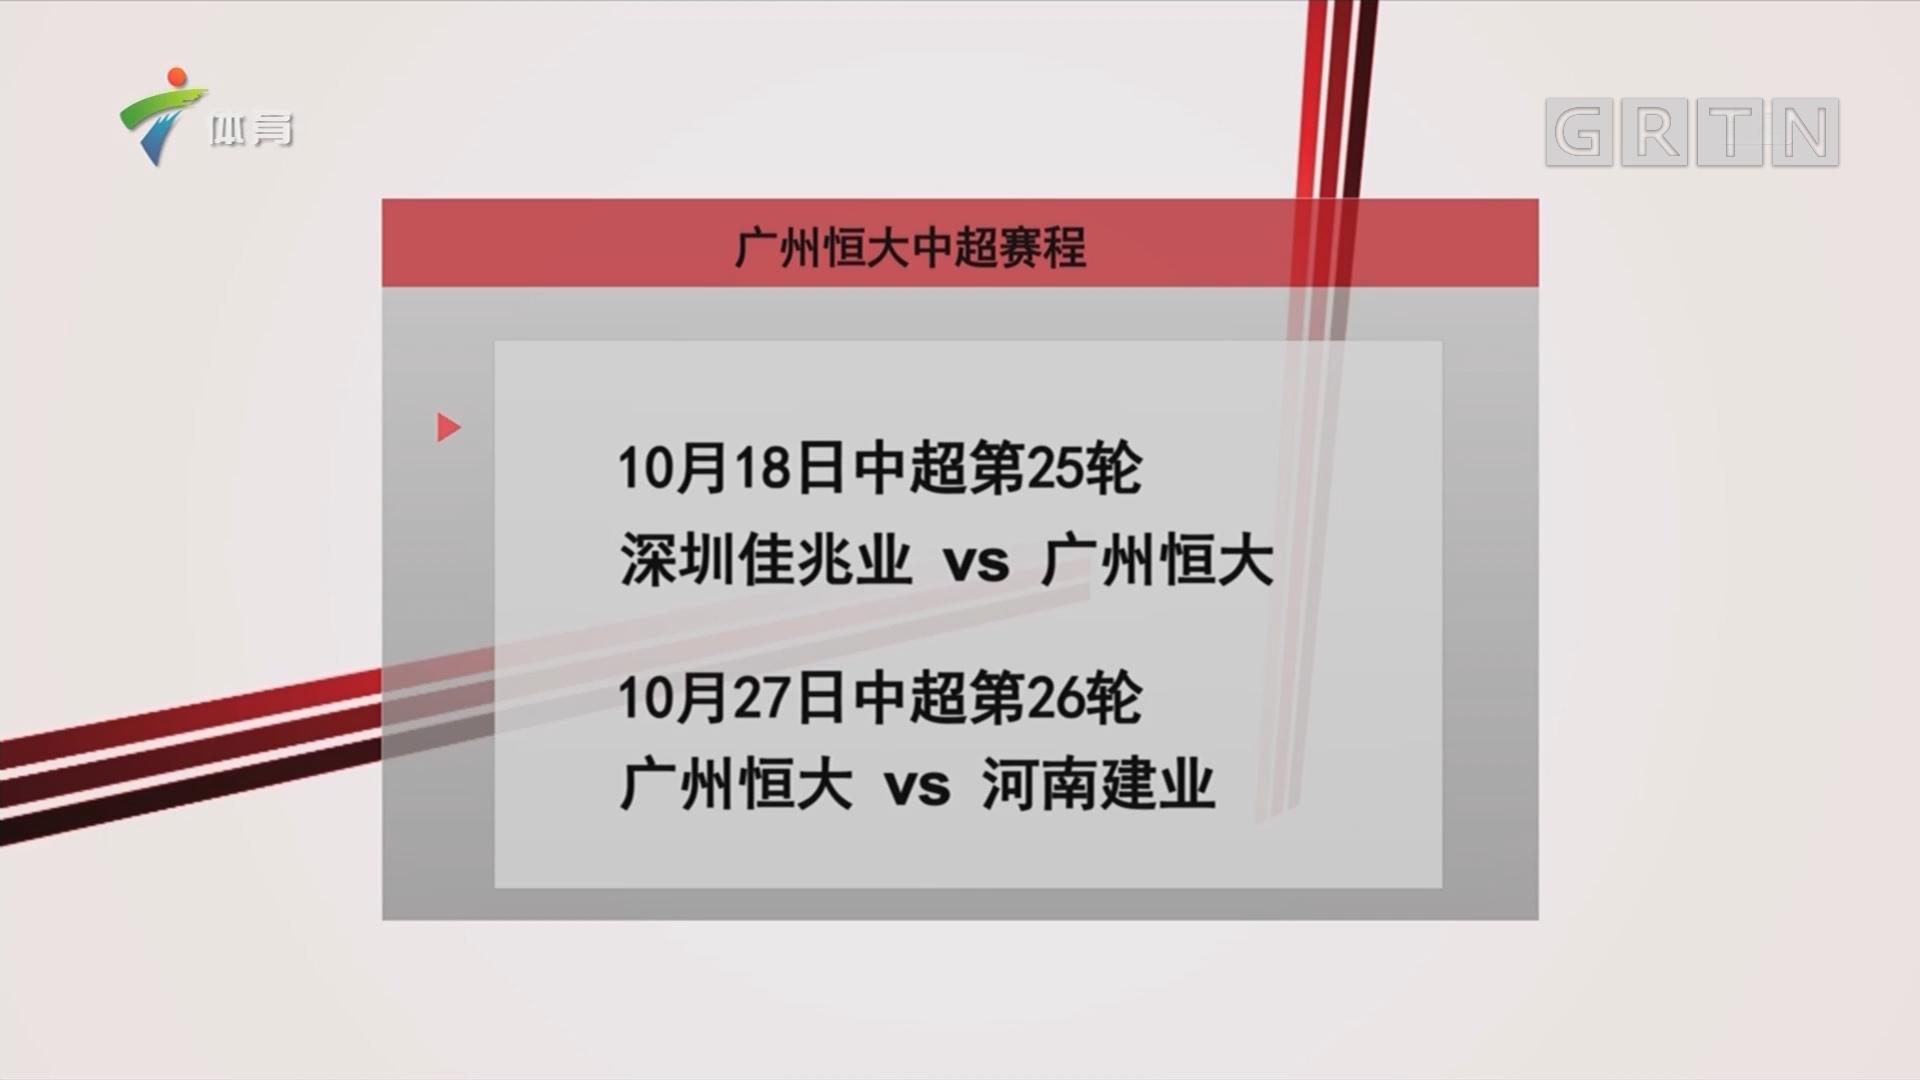 广州恒大中超赛程